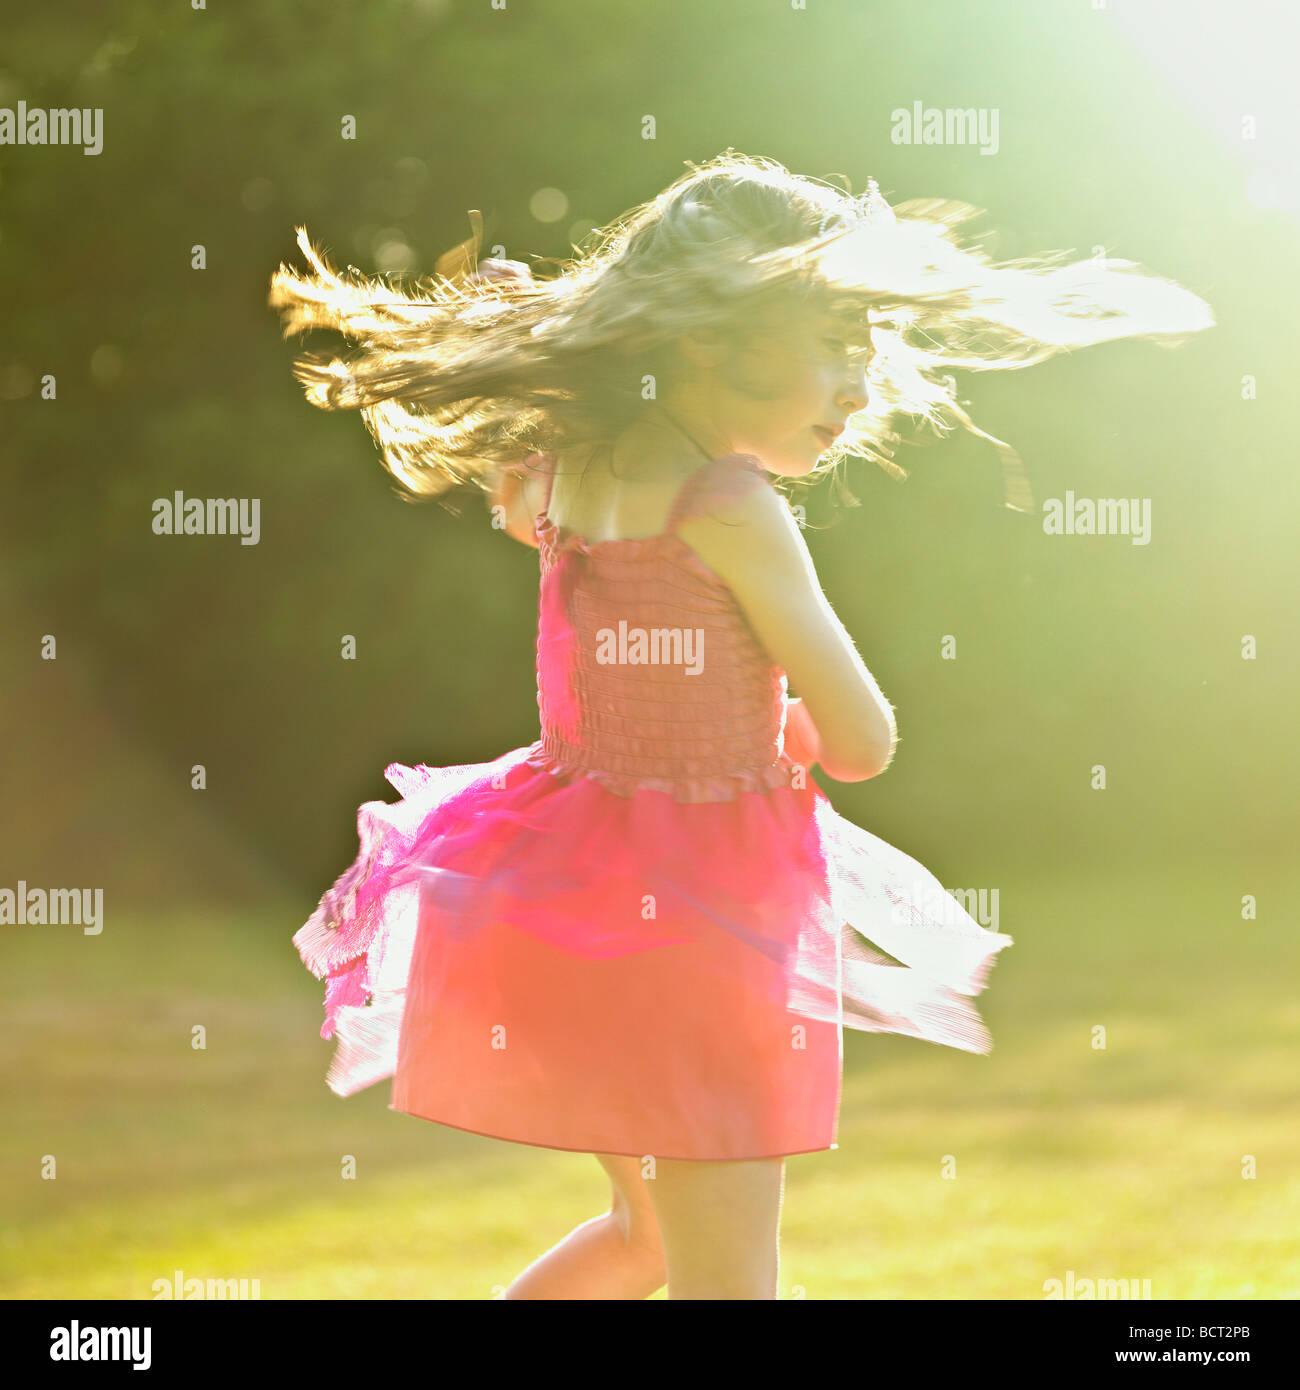 Jeune fille dansant dans le soleil de l'été. Photo Stock